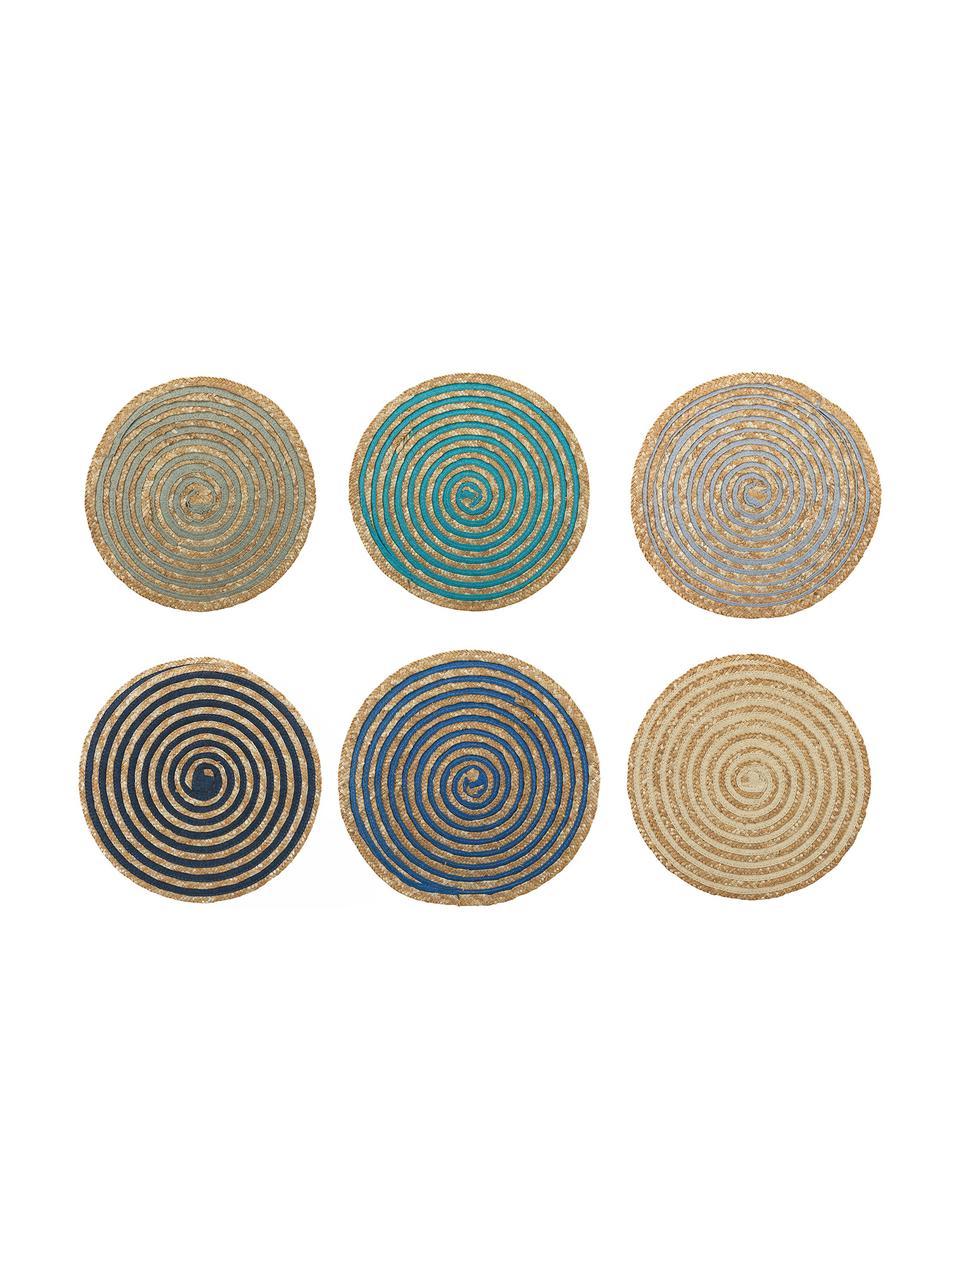 Runde Tischsets Baita aus Bast, 6er-Set, Bastfasern, Beige, Mehrfarbig, Ø 39 cm